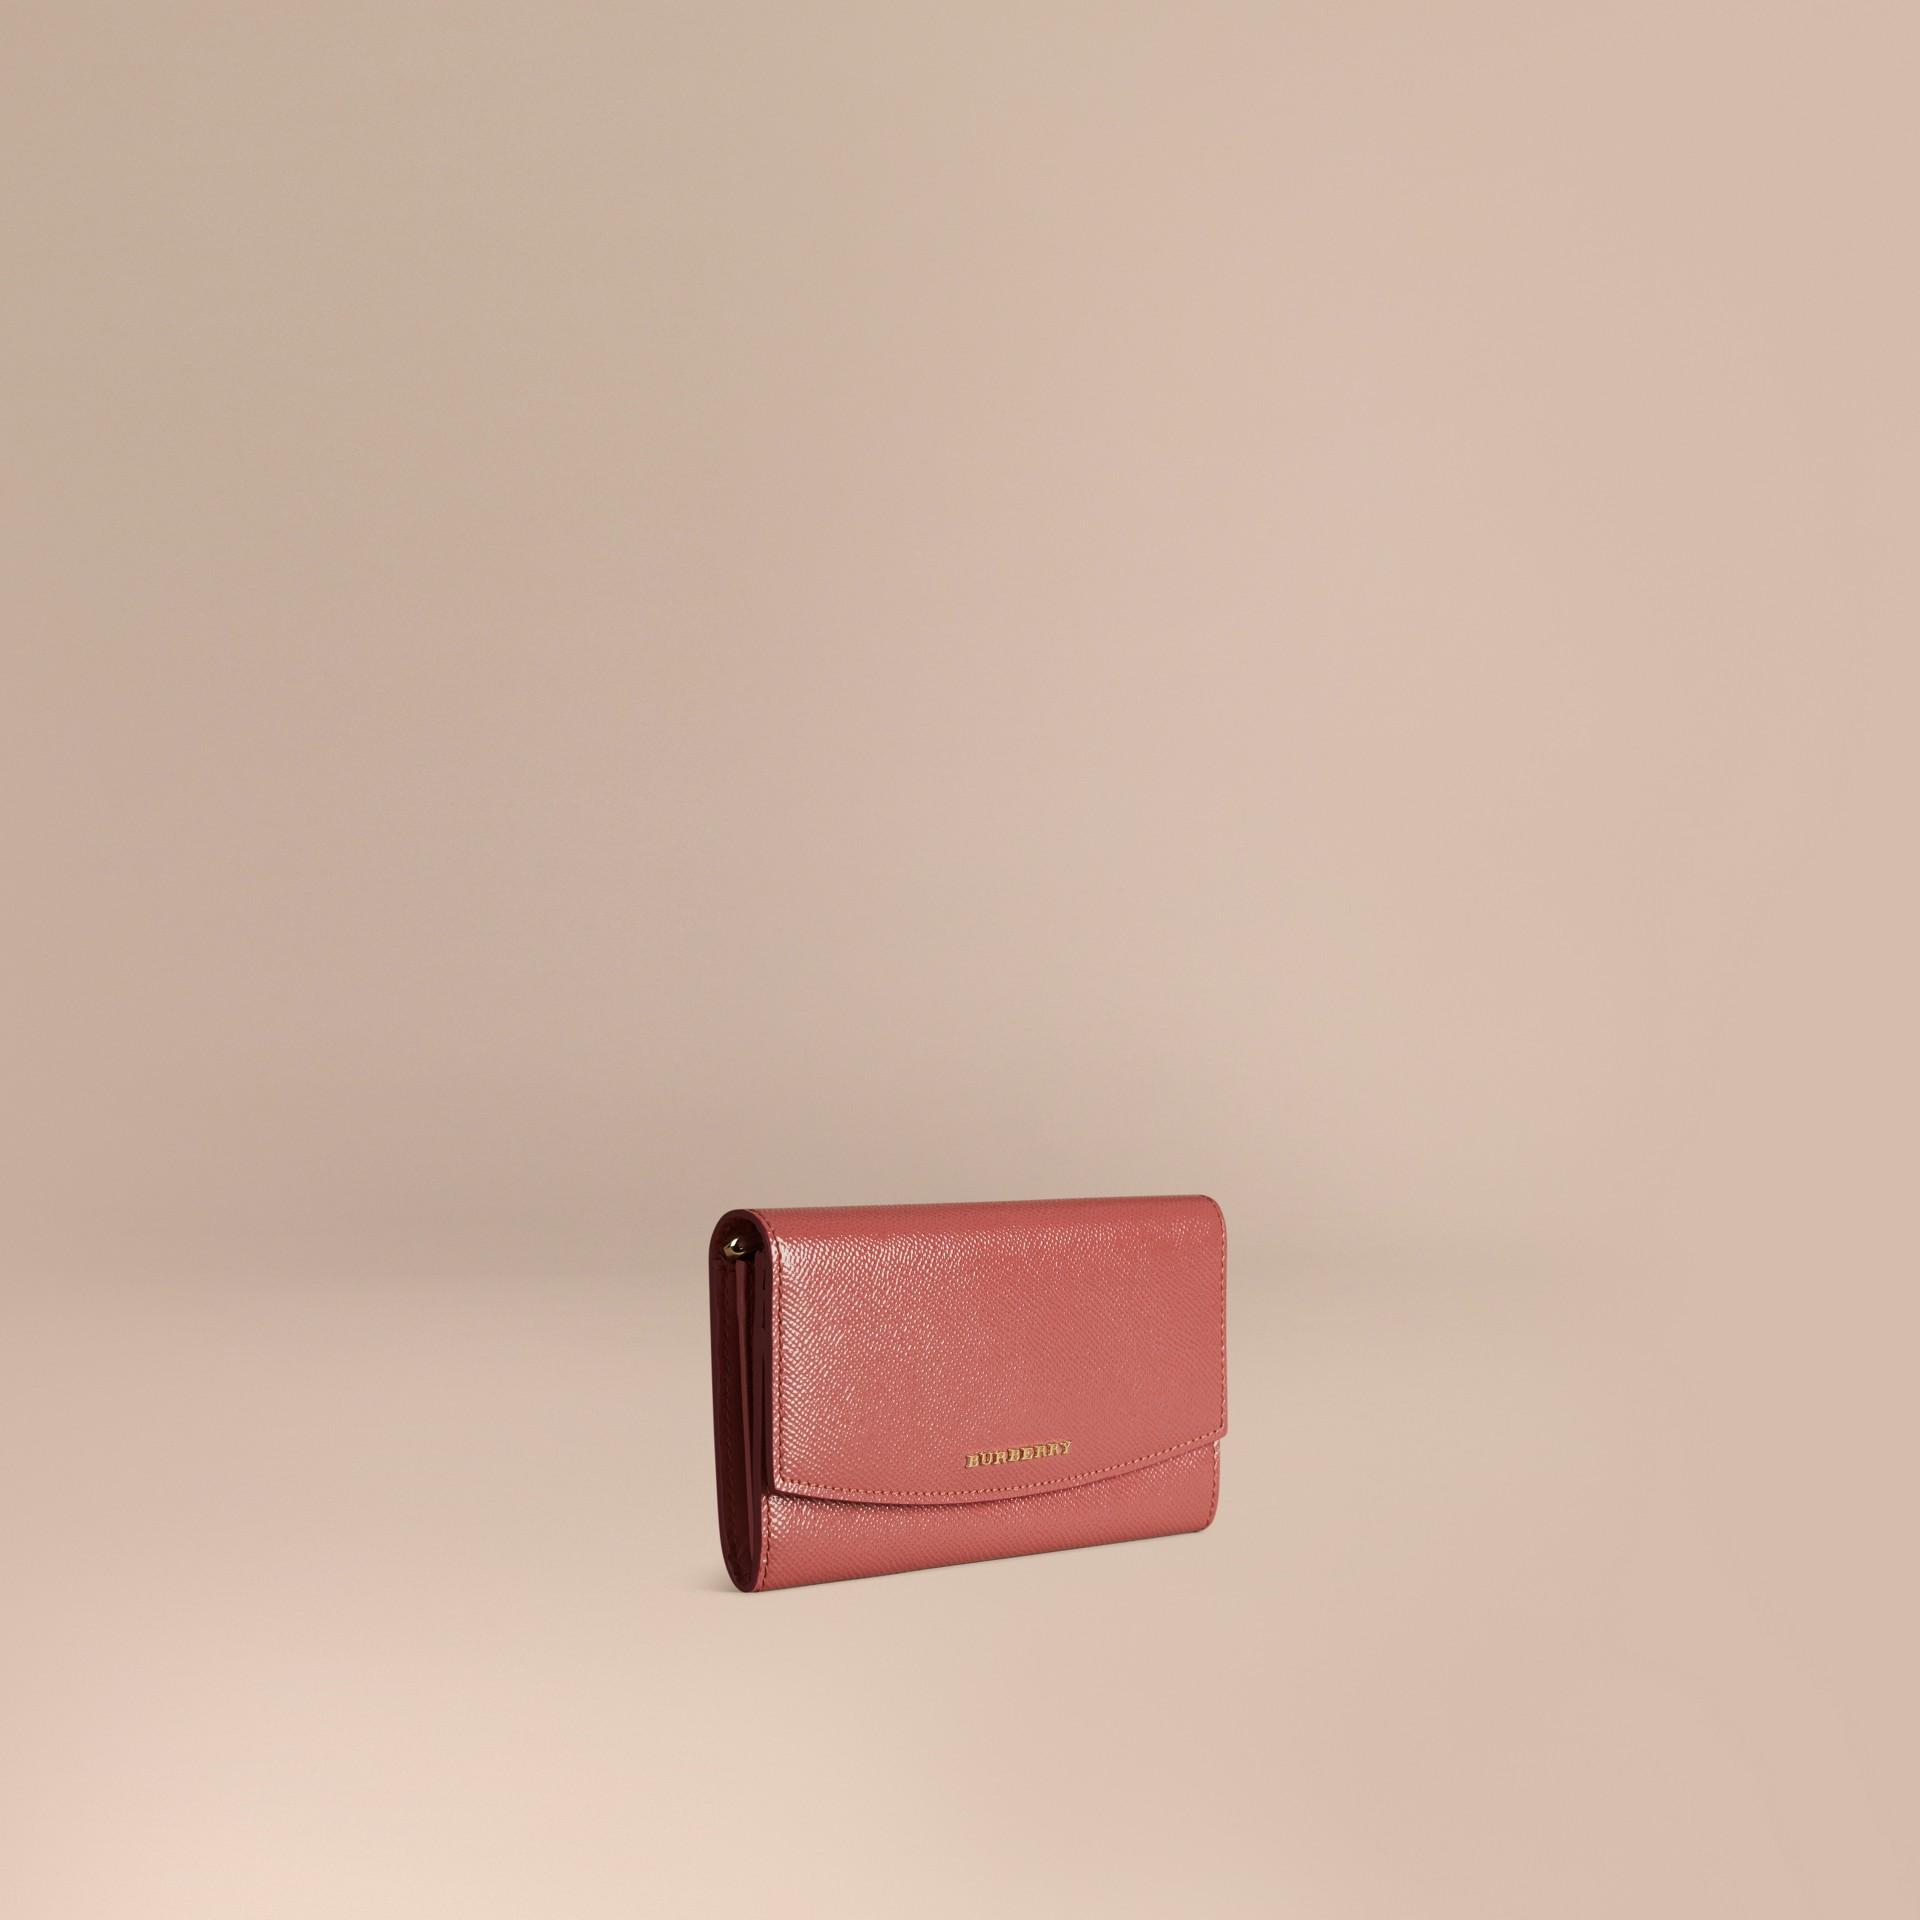 Античная роза Классический бумажник из кожи London Античная Роза - изображение 1